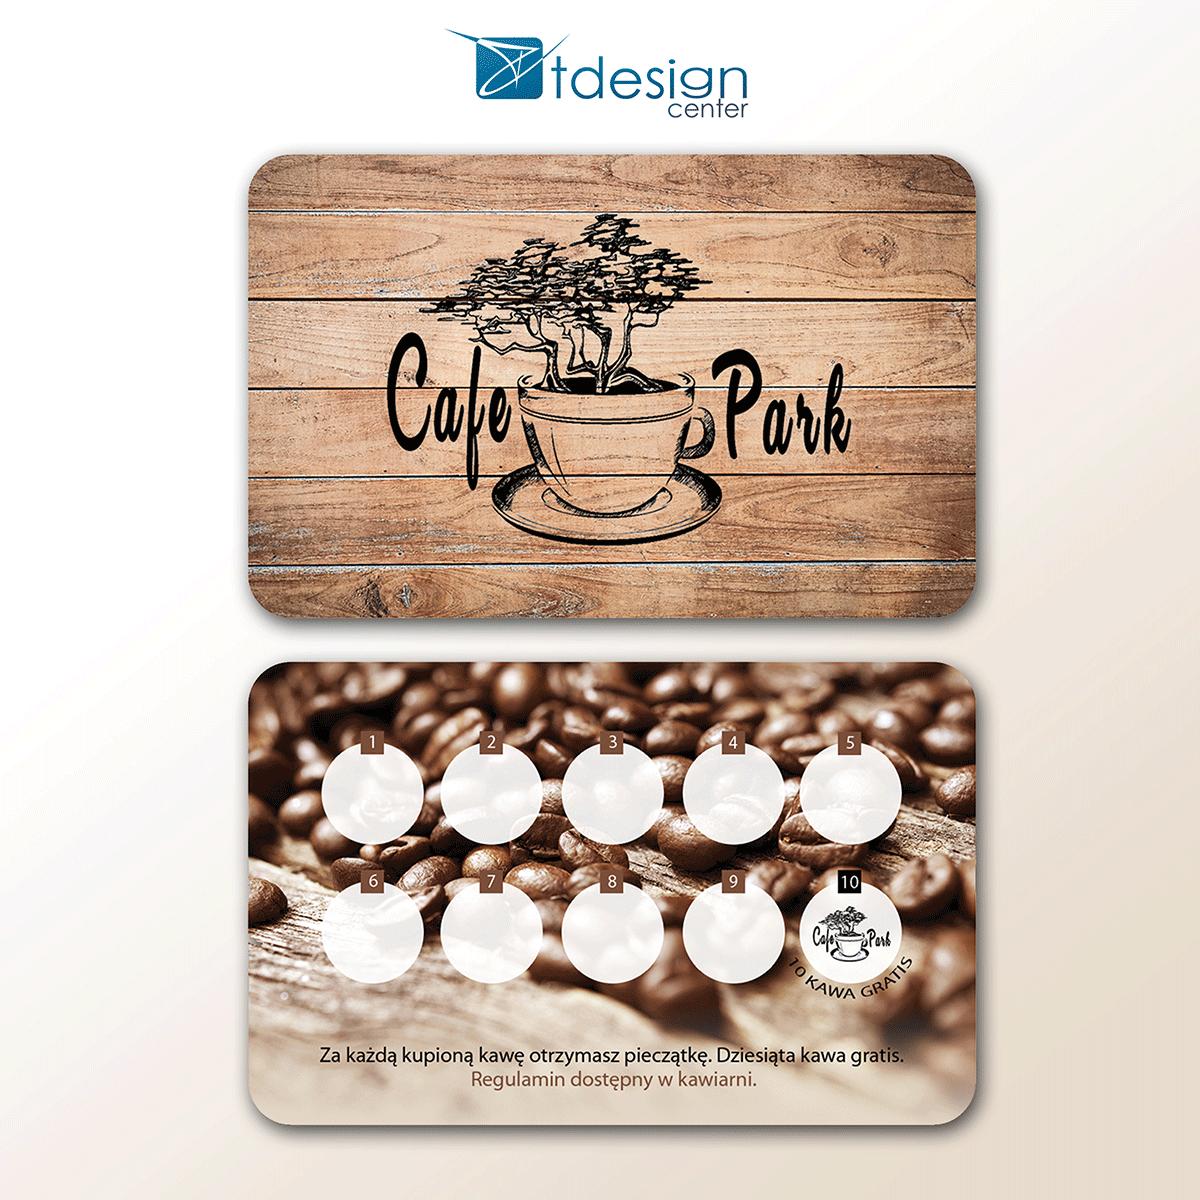 Karty biznesowe 85x54mm, projekt + druk, realizacja dla CafePark